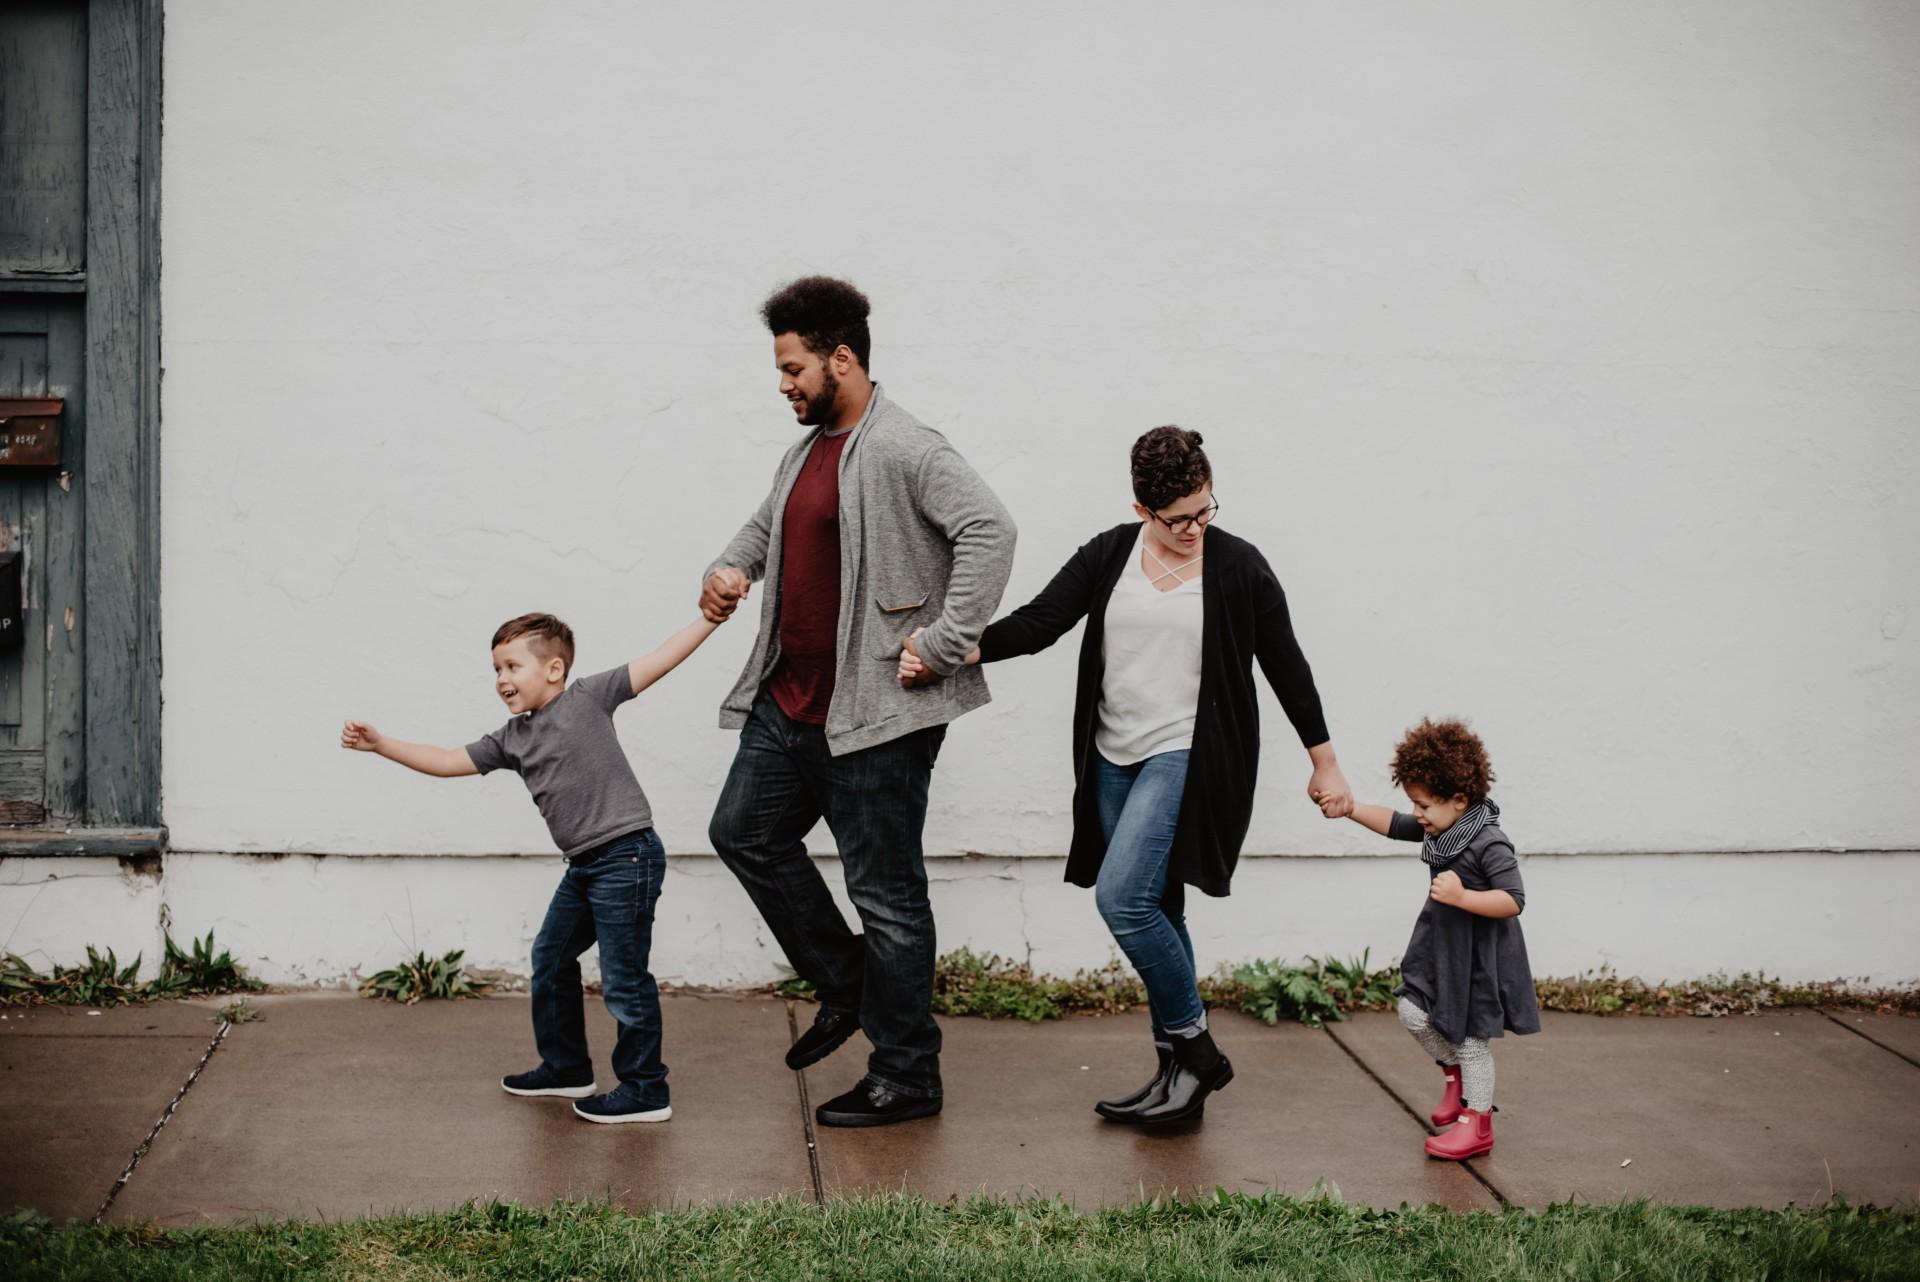 Seguridad Vial en Familia, nuevo miembro de La Carta Europea de la Seguridad Vial